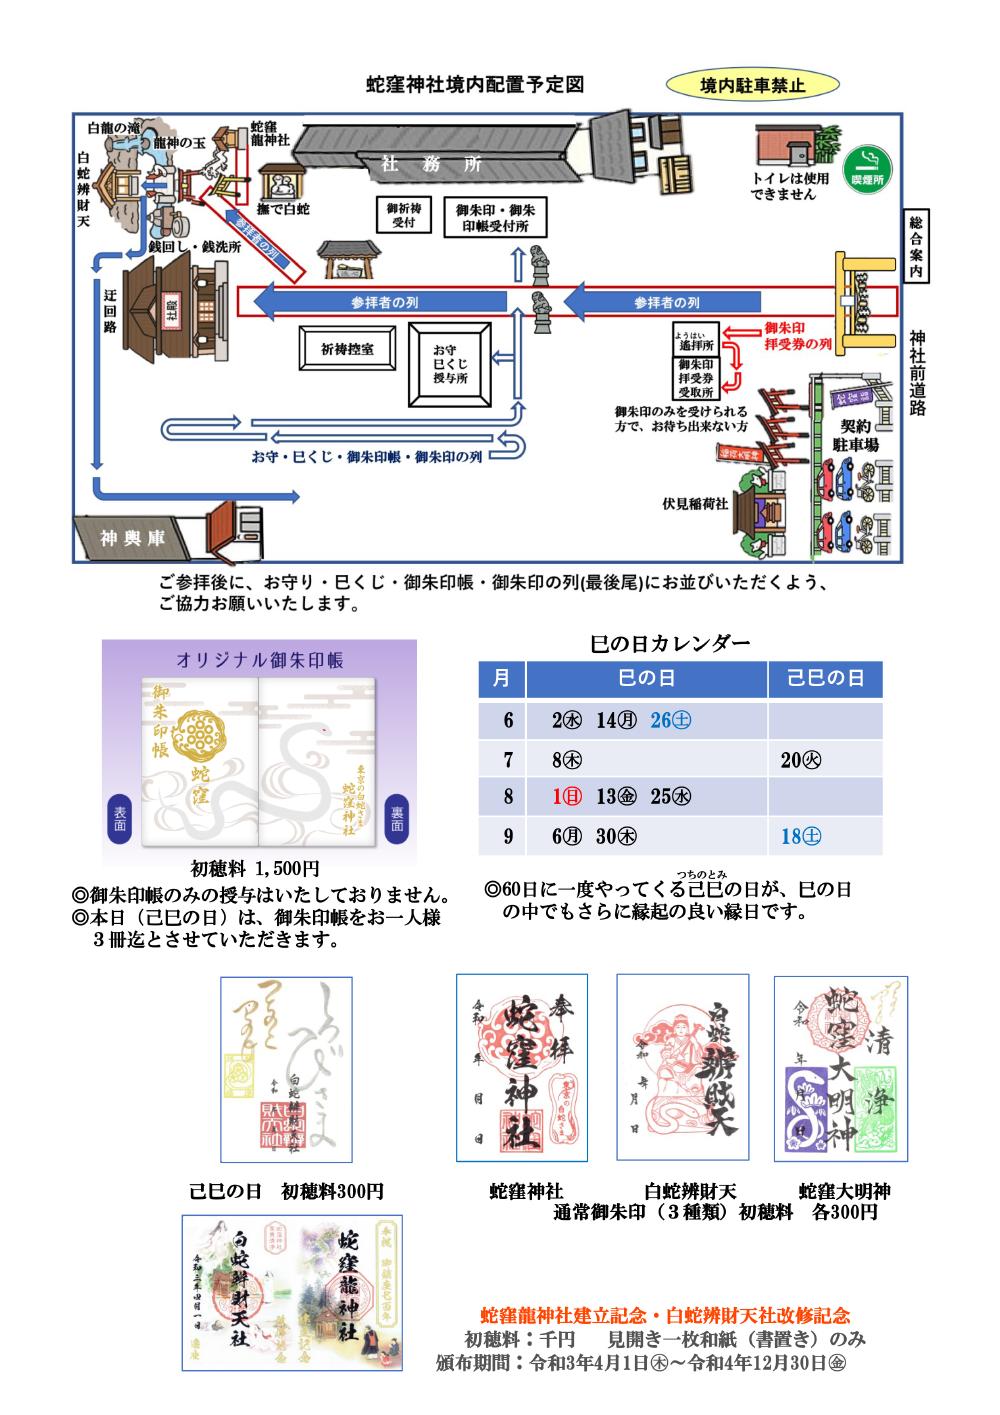 令和3年5/21(金)己巳の日御朱印等対応のお知らせ